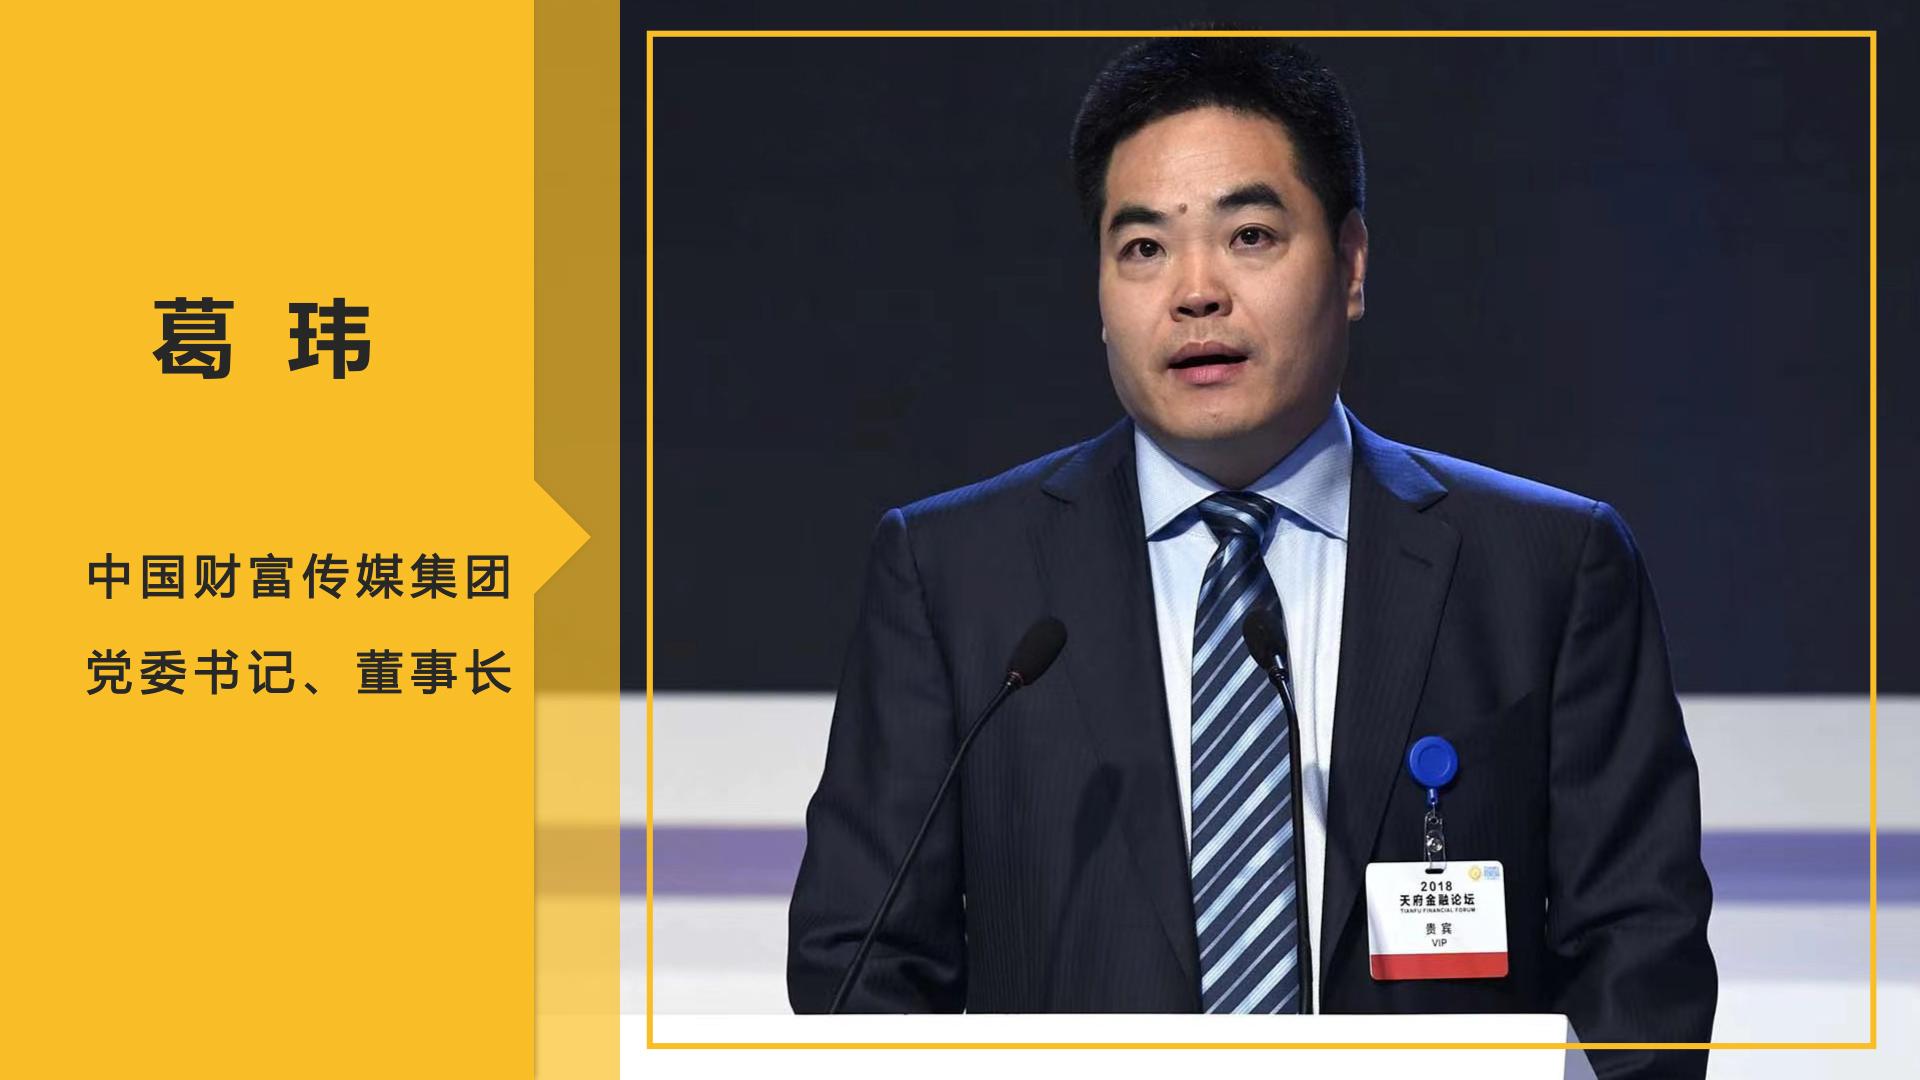 葛玮:金燕奖为中国保险业健康发展添砖加瓦